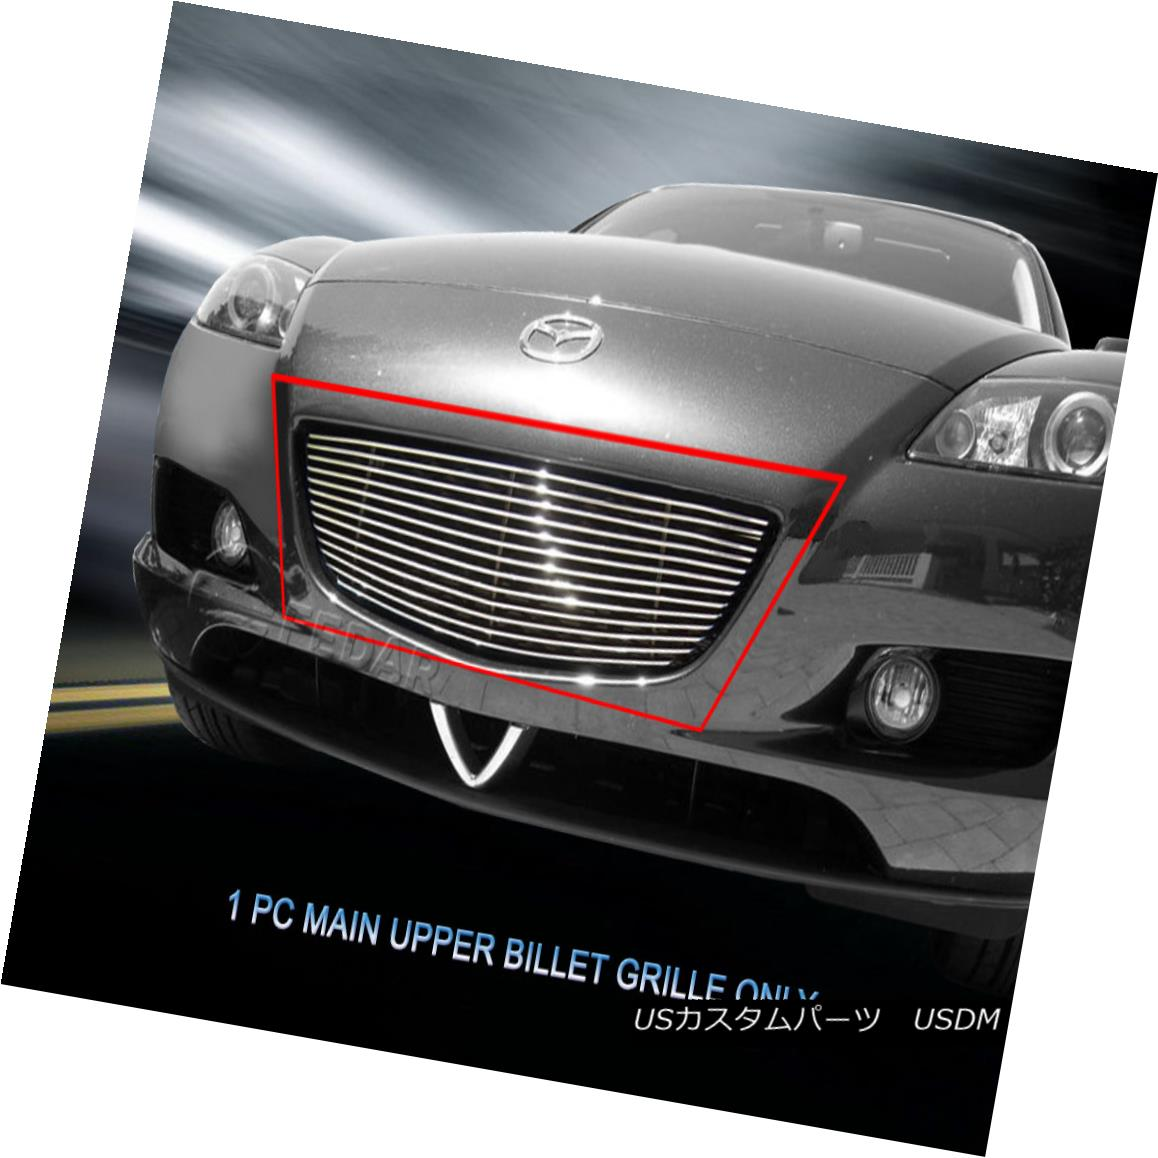 グリル Fedar Fits 04-08 Mazda RX-8 Polished Billet Grille Overlay Fedar Fits 04-08マツダRX-8ポリッシュビレットグリルオーバーレイ